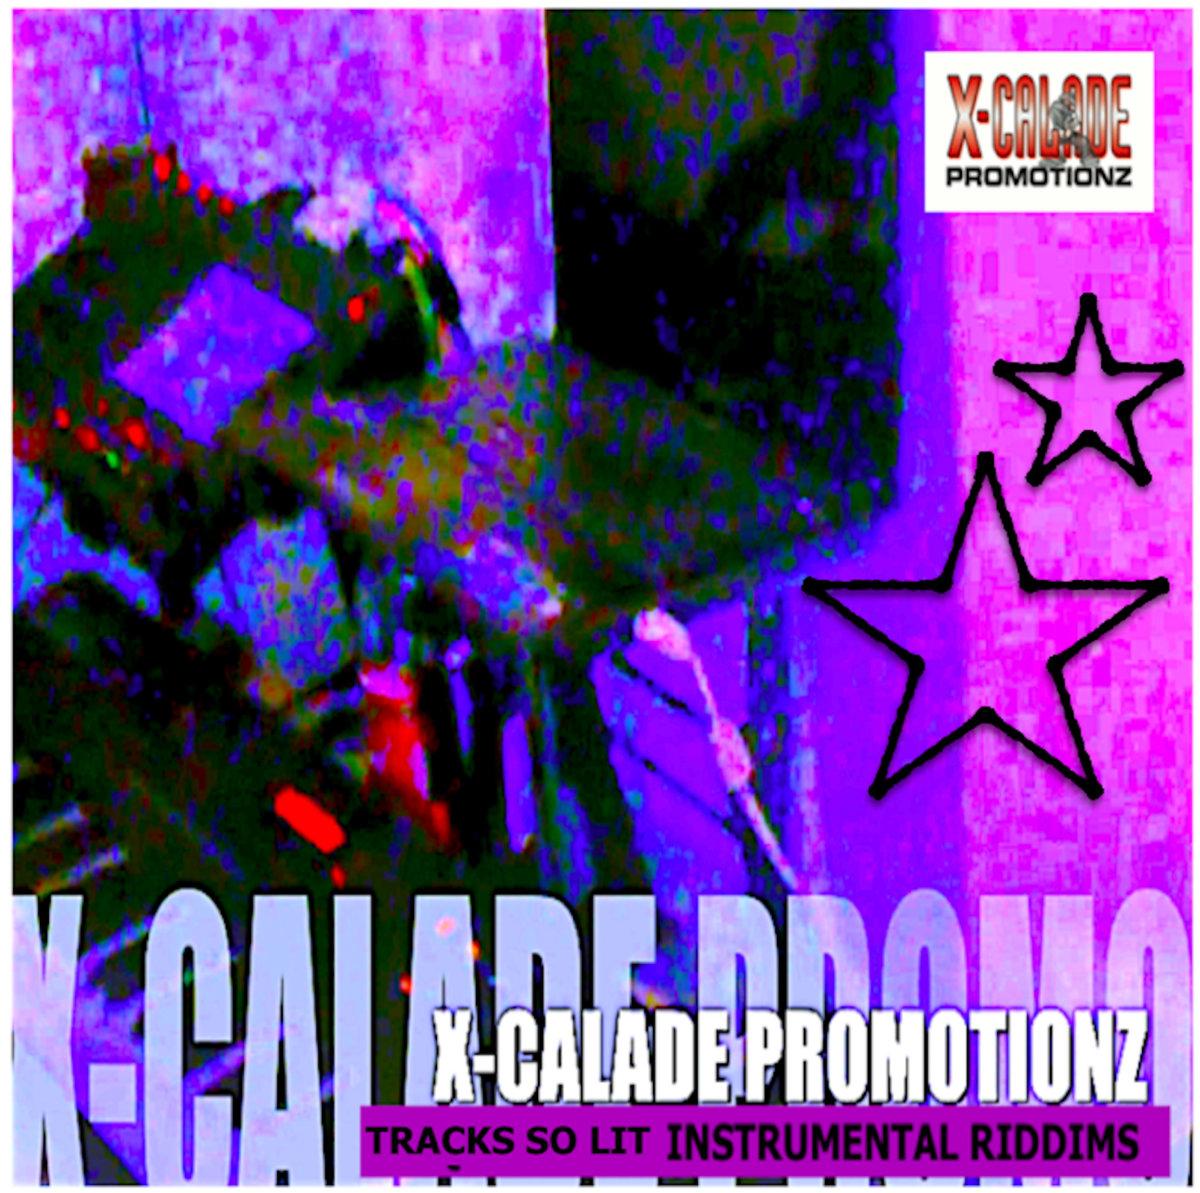 TRACKS SO LIT INSTRUMENTAL RIDDIMS - X-Calade Promotionz | X-Calade